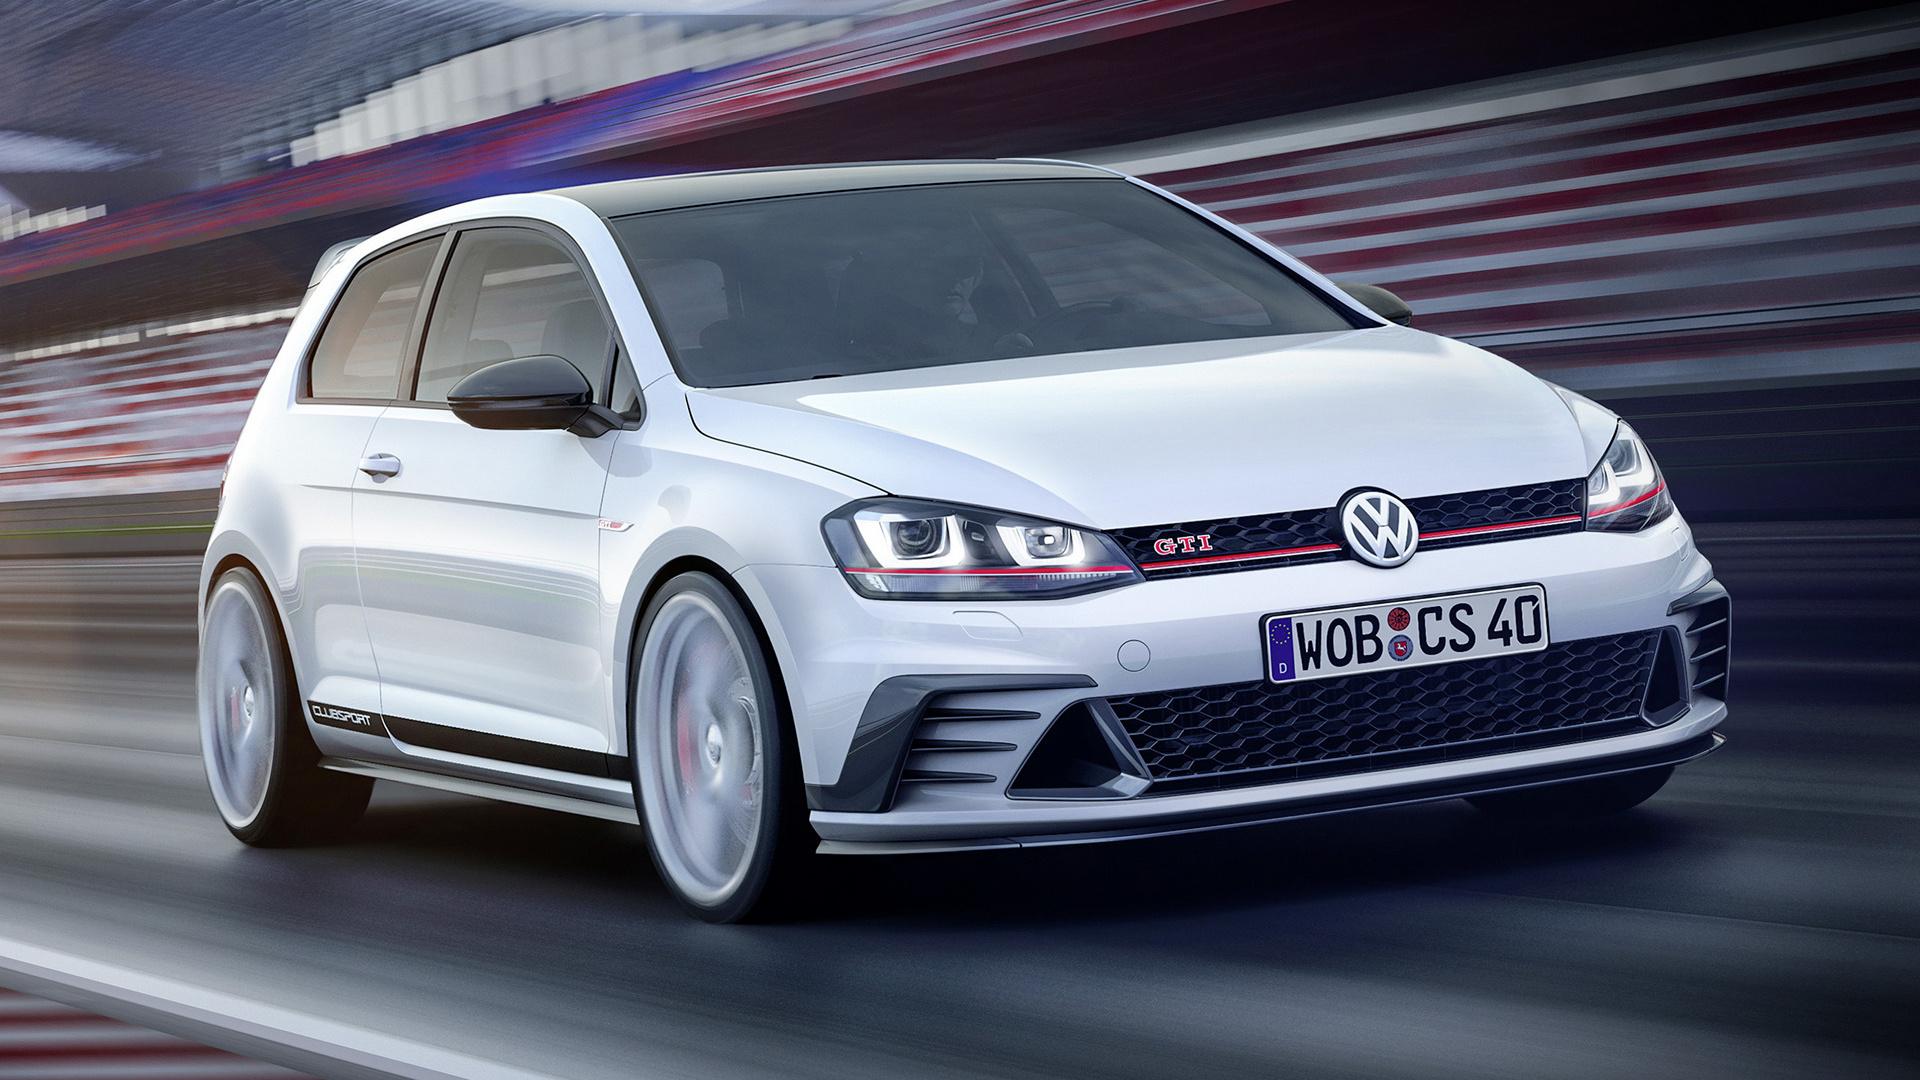 2015 Volkswagen Golf GTI Clubsport Concept - Wallpapers ...